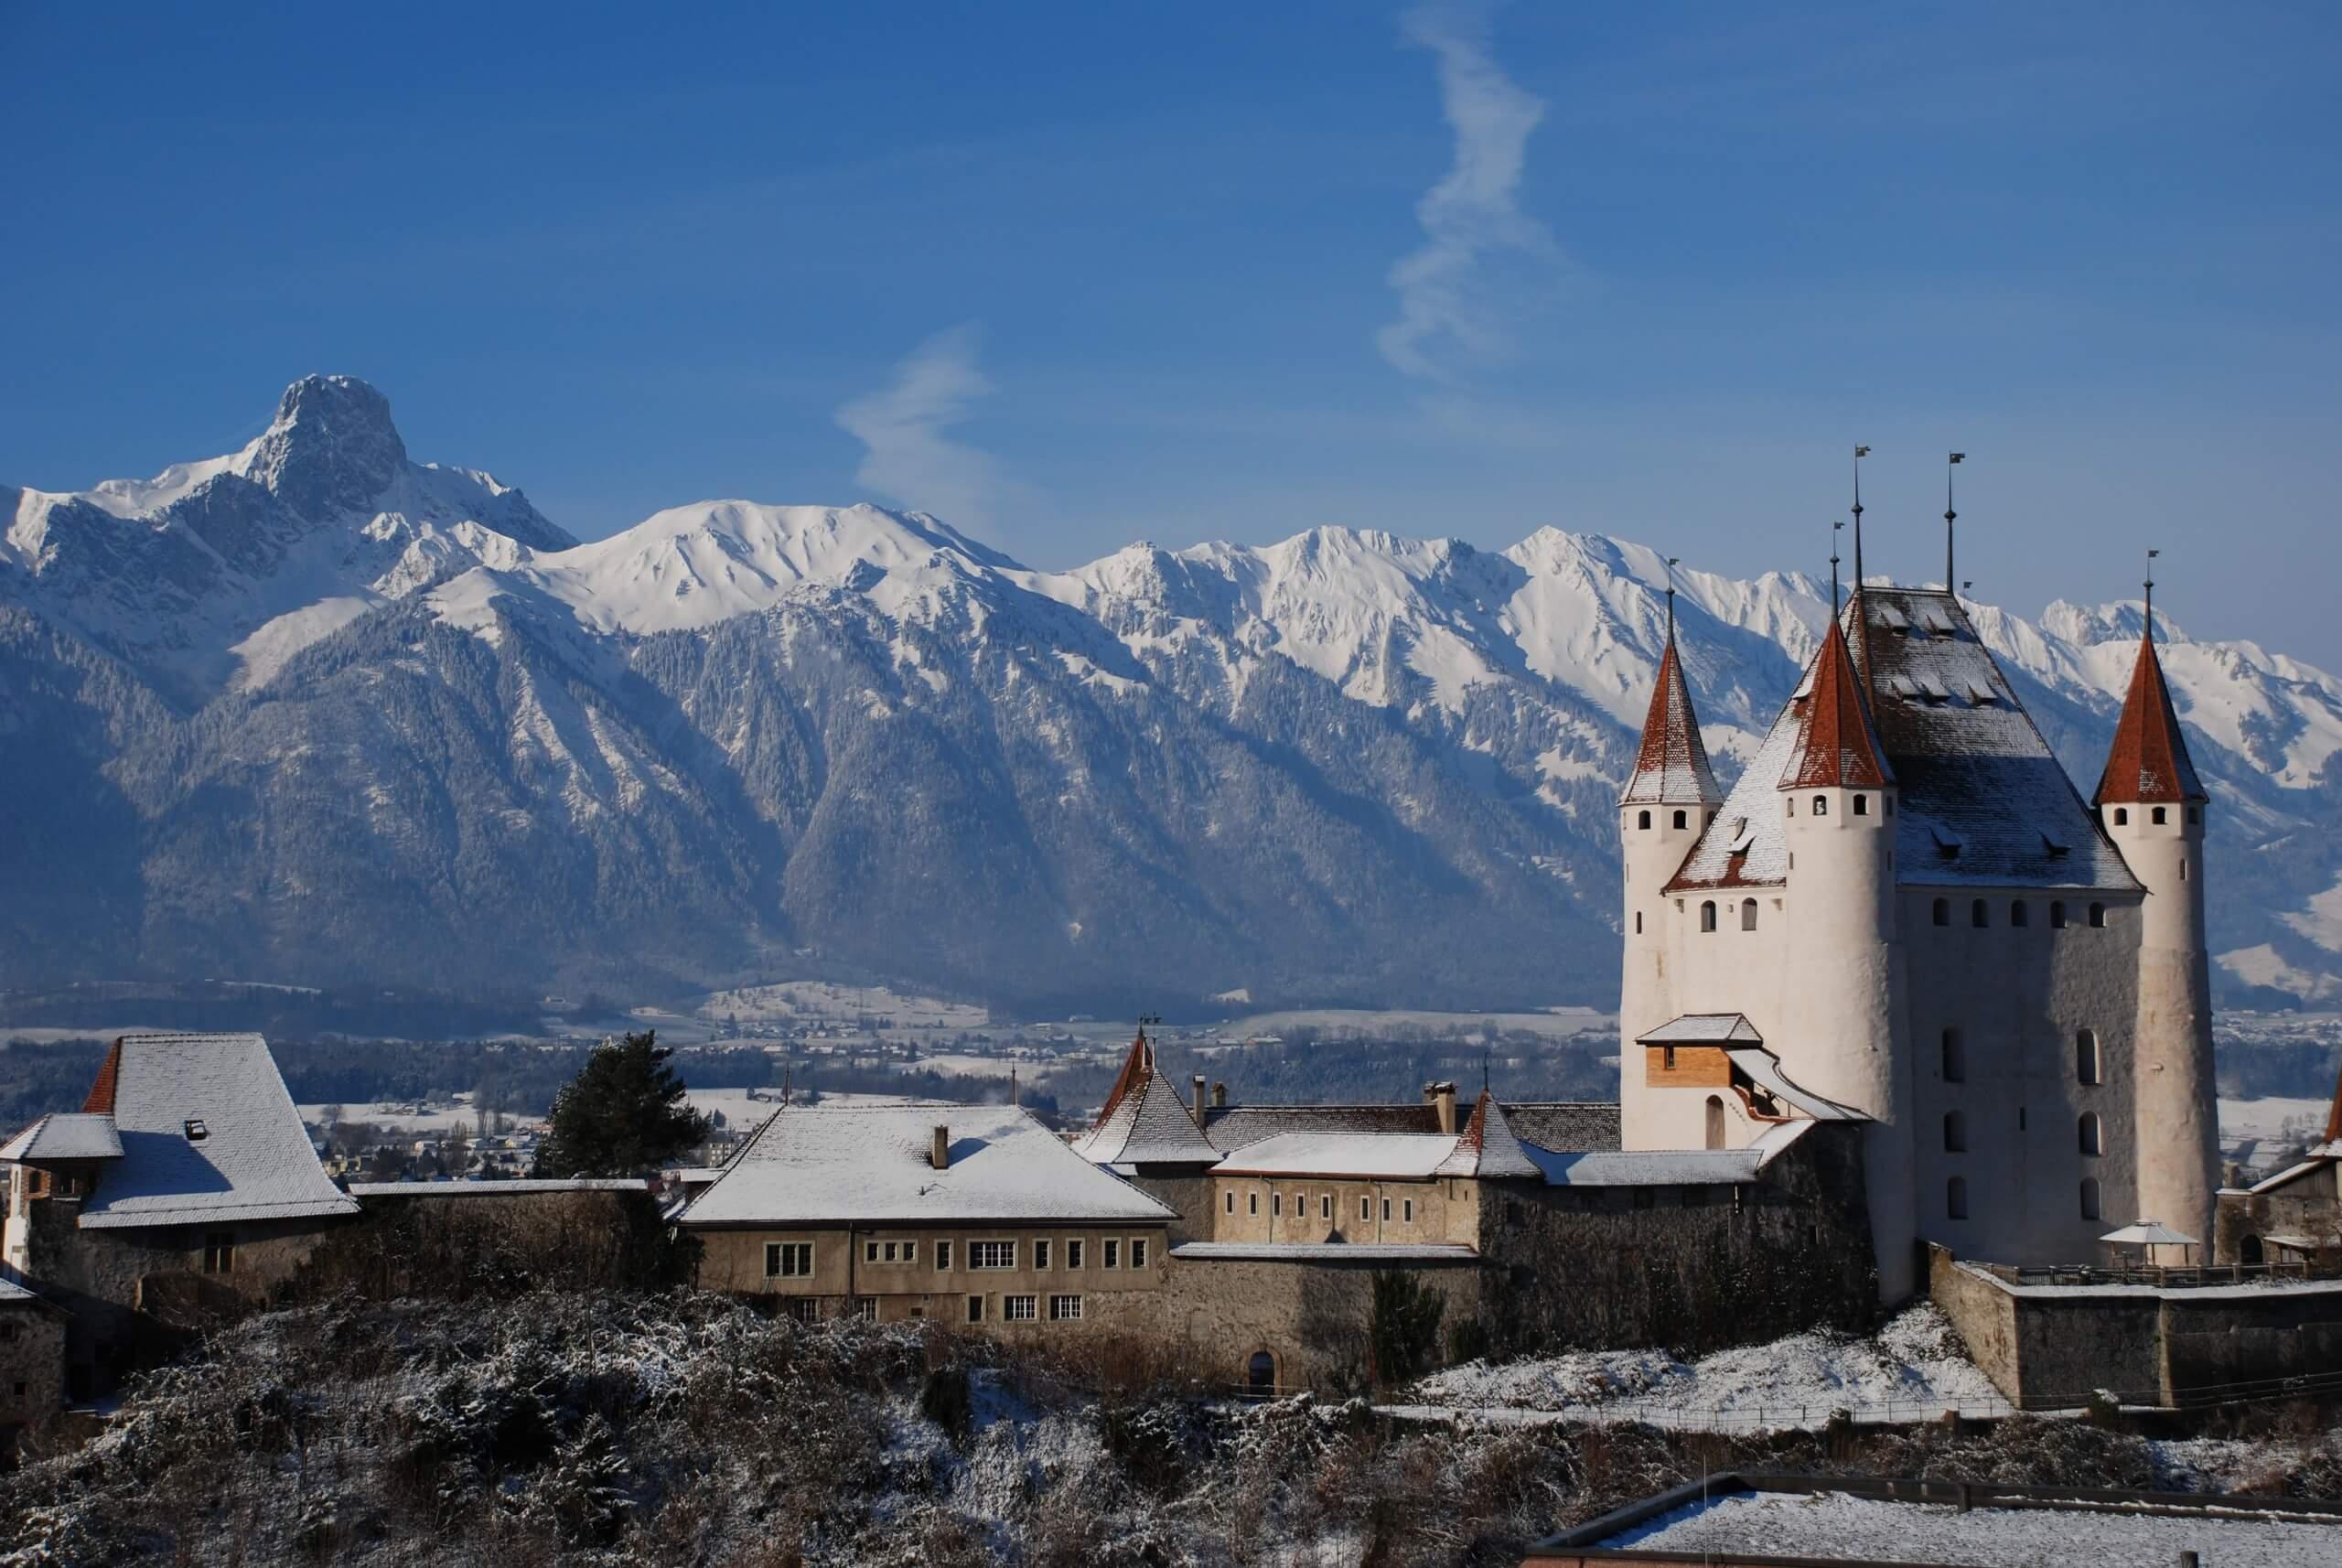 thun-schloss-winter-schlossberg-schnee